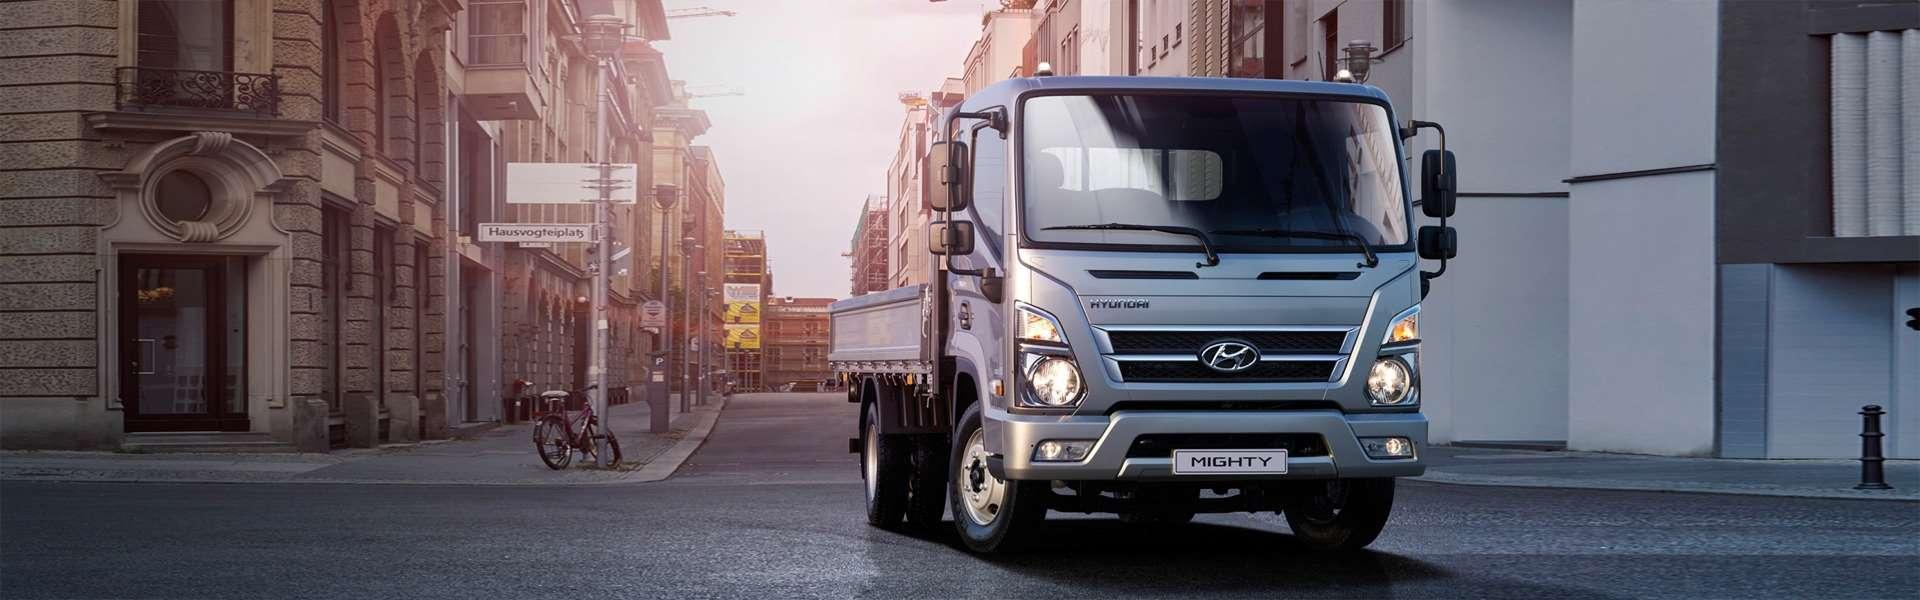 Hyundai - ваш надежный бизнес-партнер